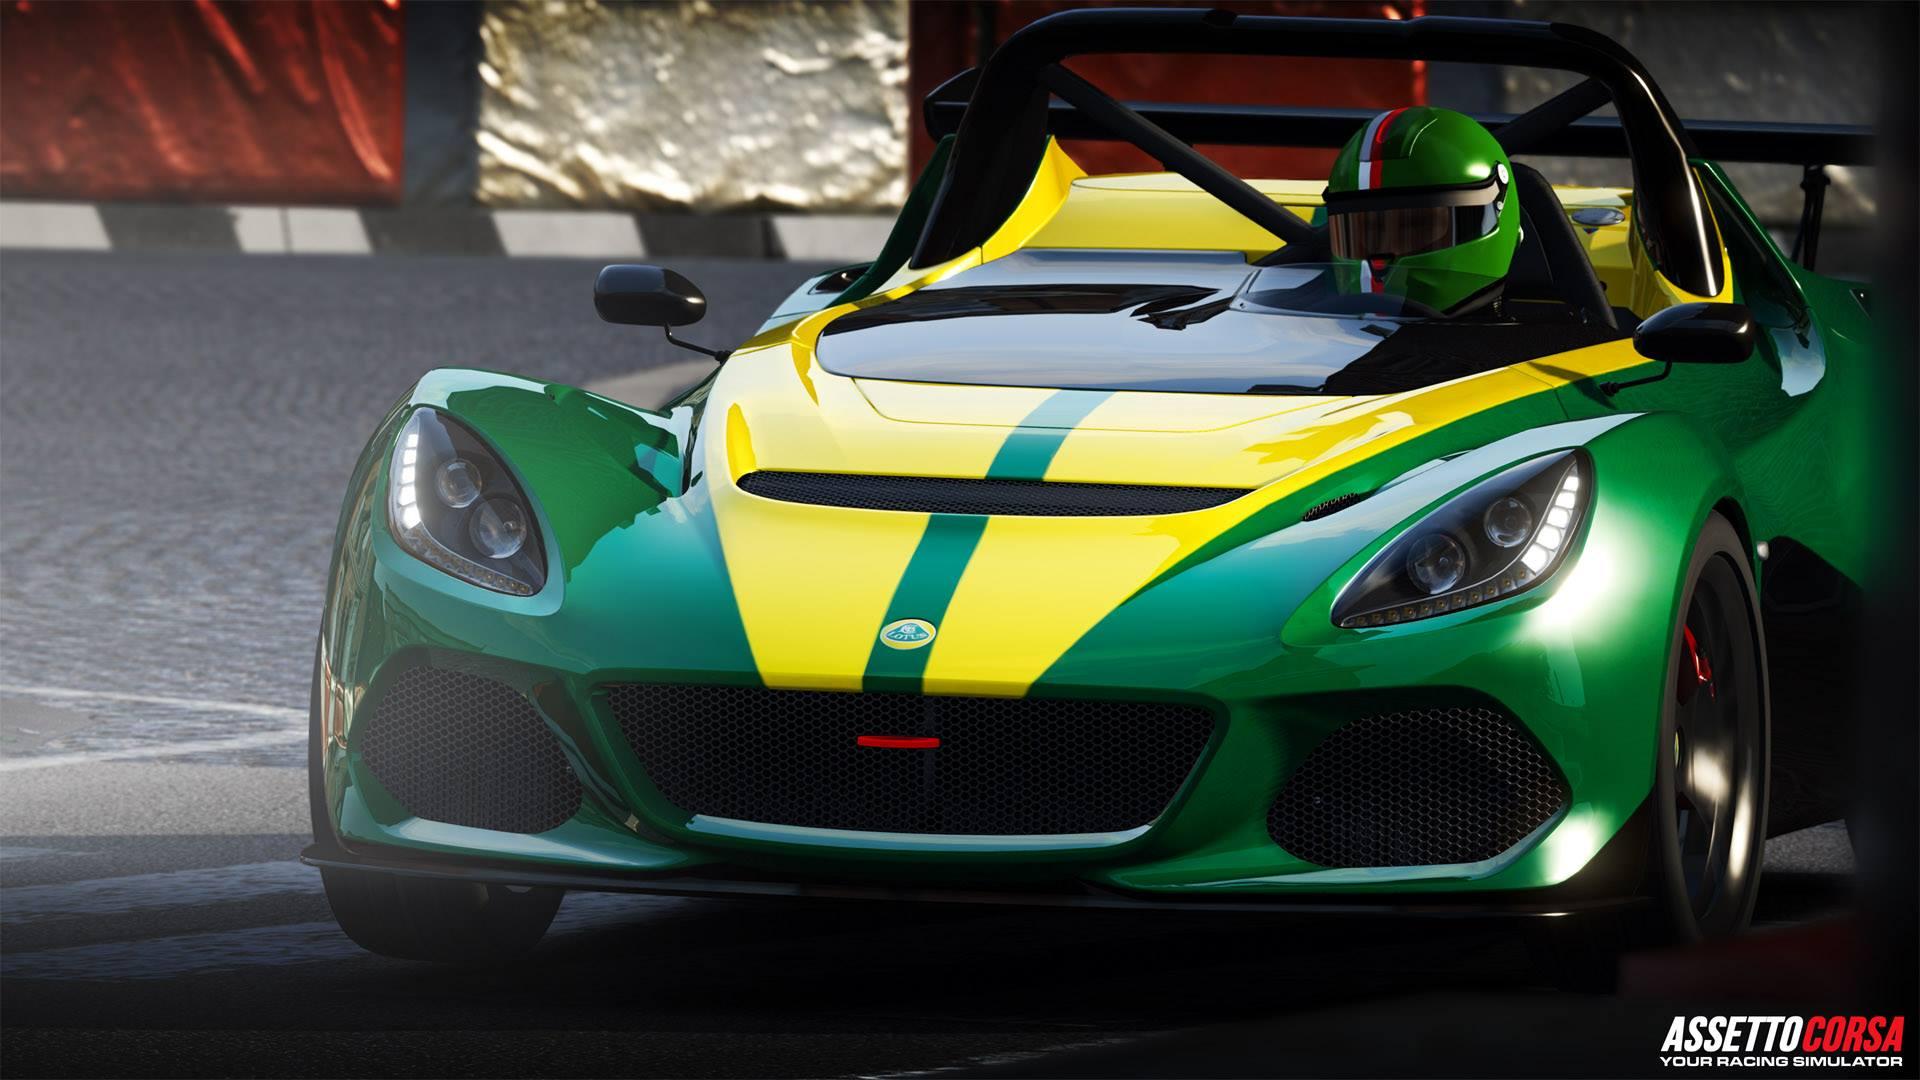 Assetto Corsa Ready To Race DLC Lotus 3-Eleven